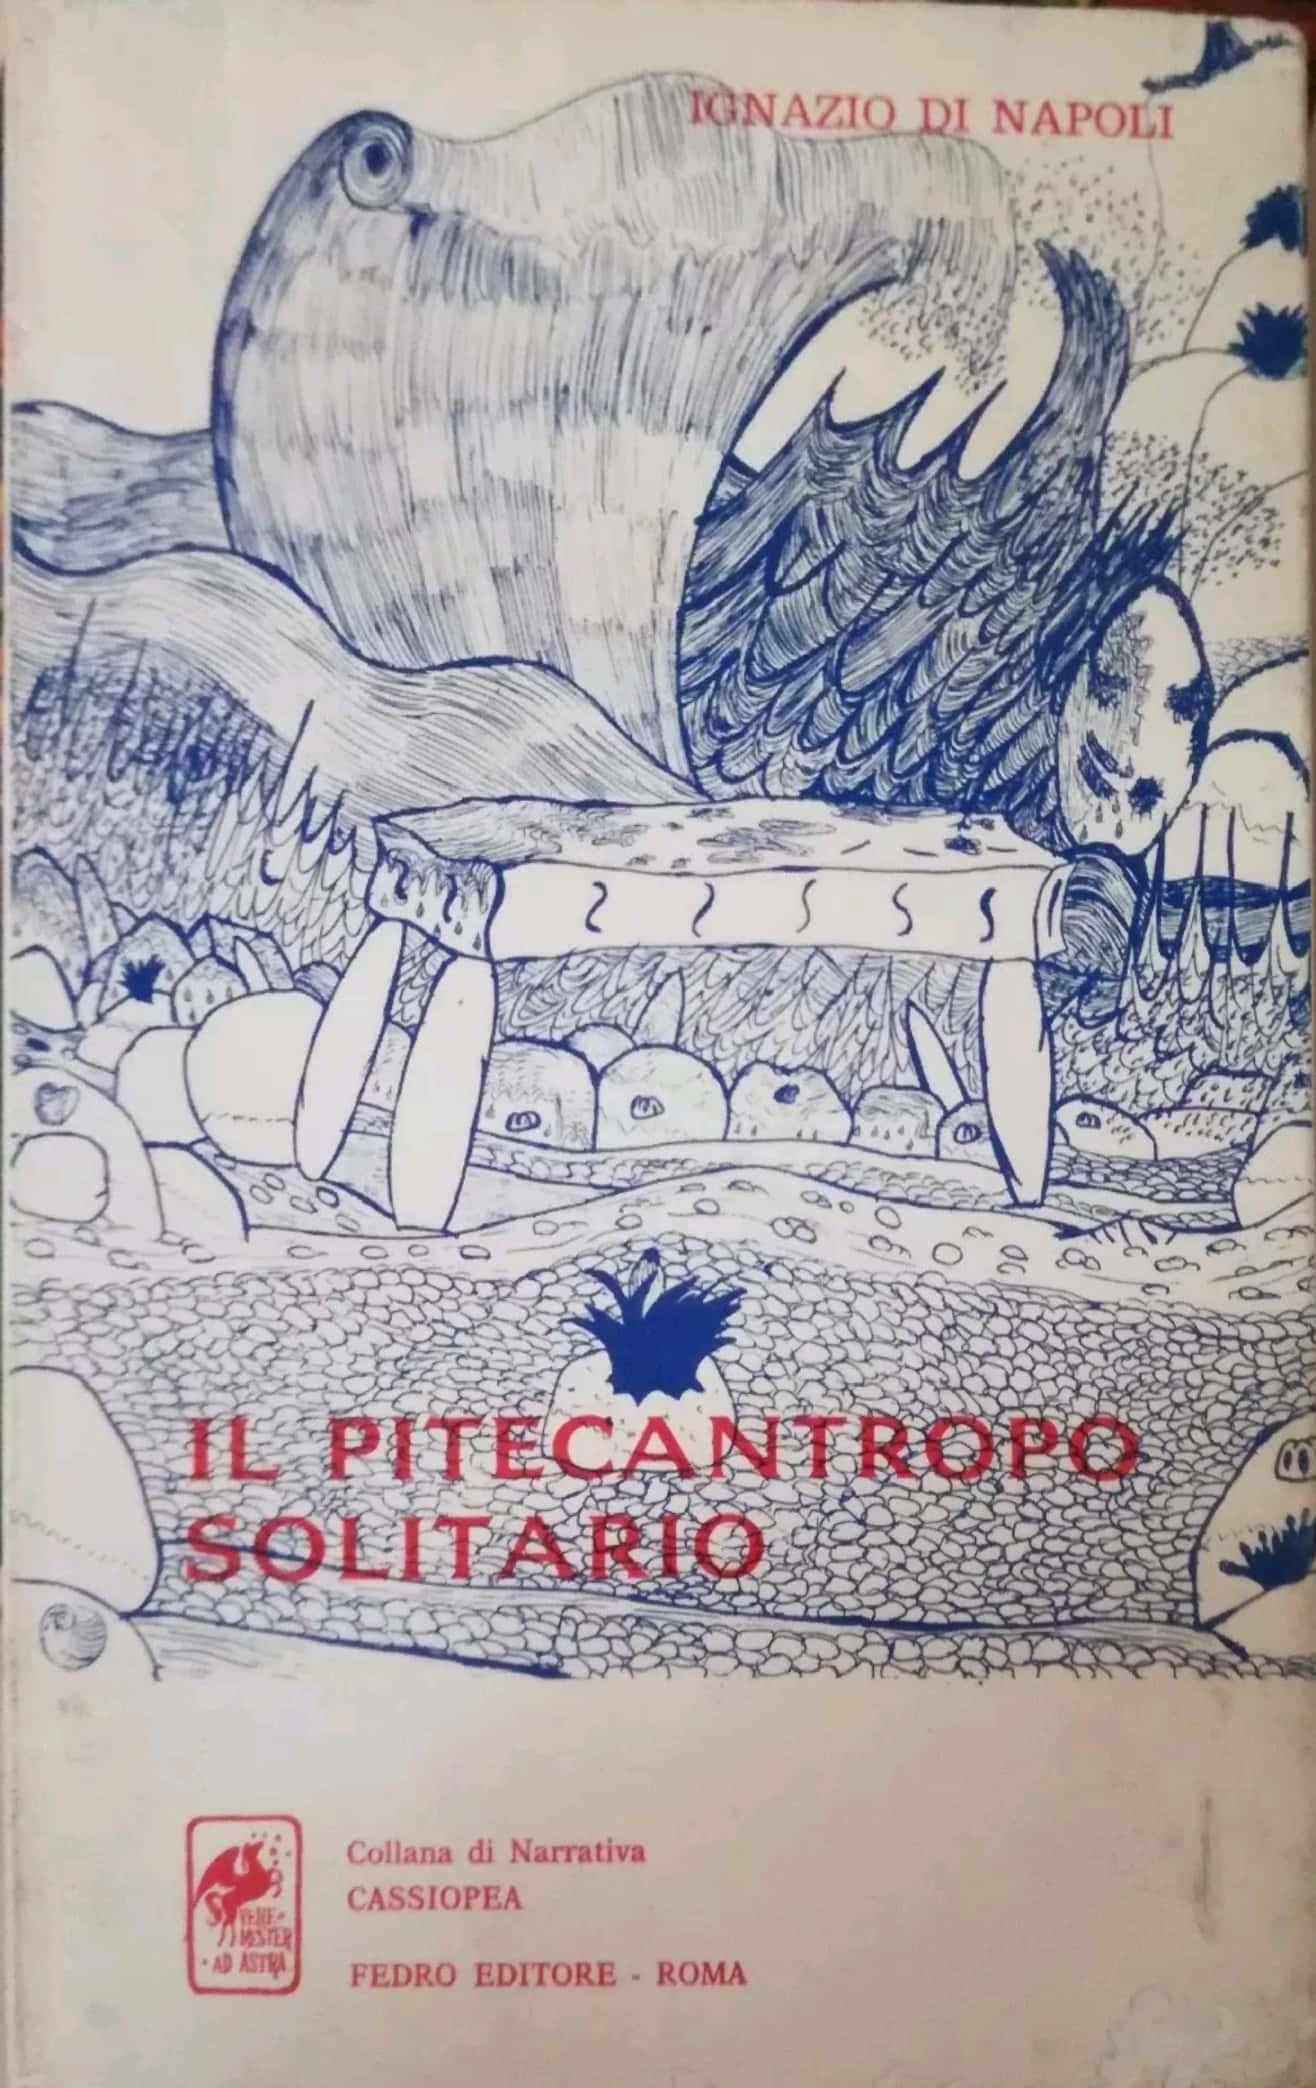 """…su eBay c'è """"Il Pitecantropo solitario"""" di Ignazio di Napoli (mai visto prima!)"""